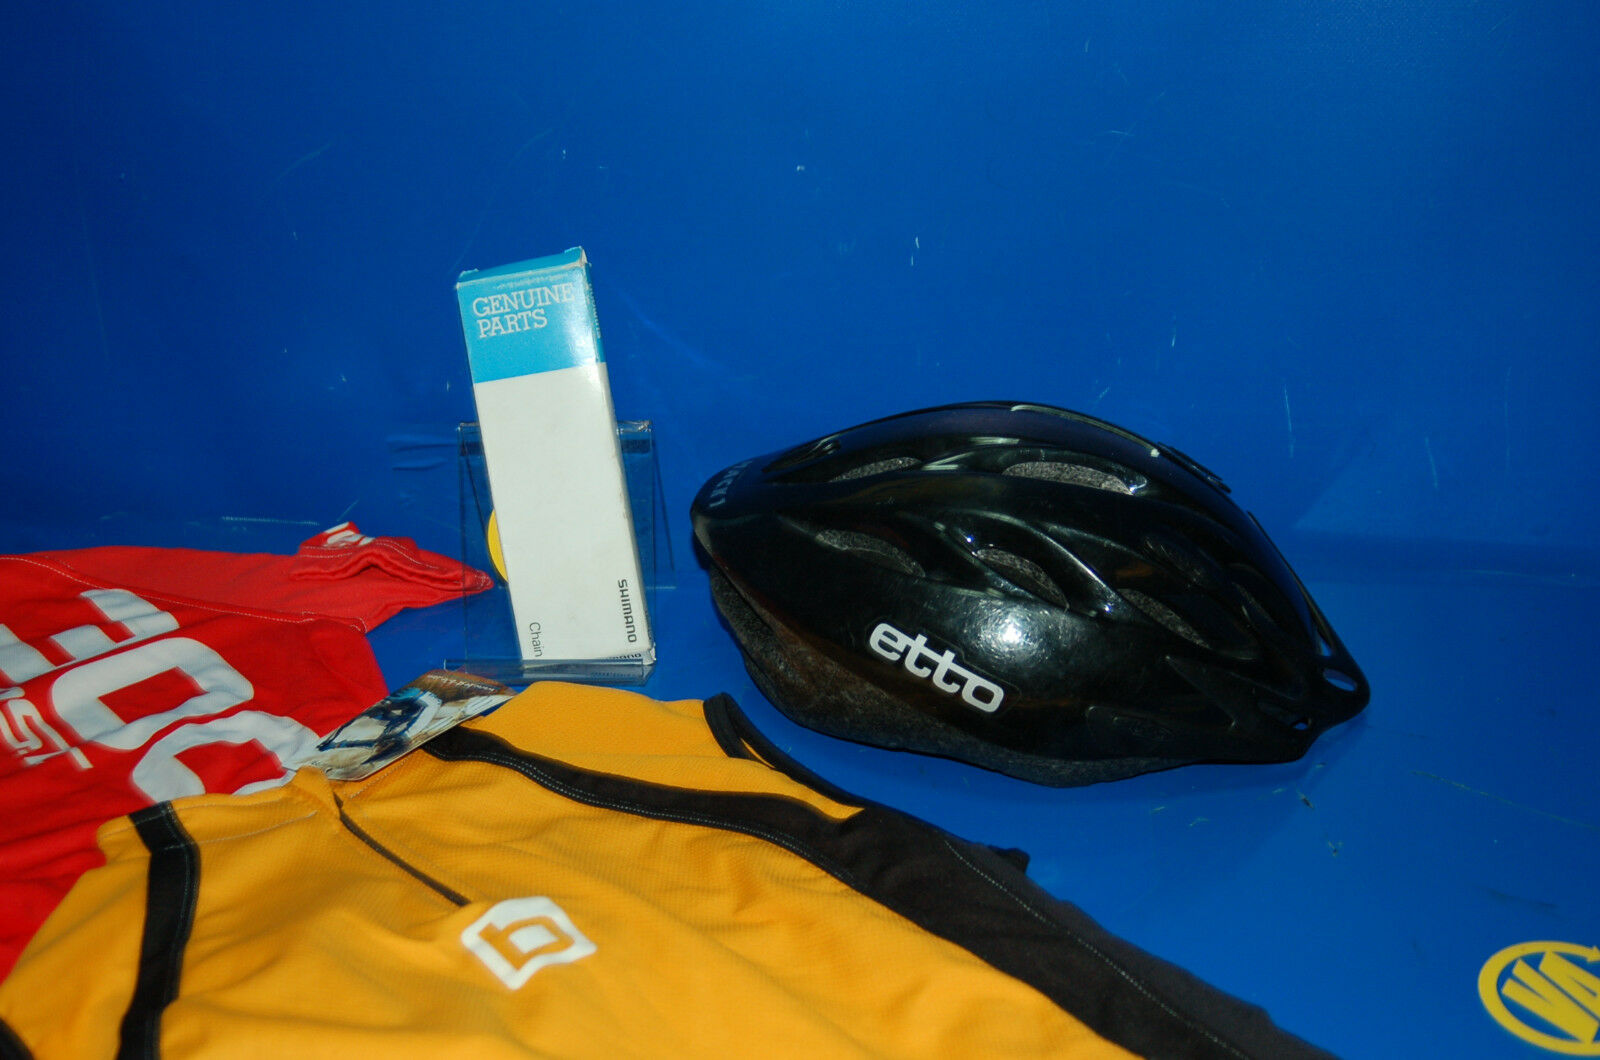 Lote ciclista buen estado 2 maillots maillots maillots + una cadena Shimano nueva + un casco | riduzione del prezzo  | A Prezzi Convenienti  7525b2